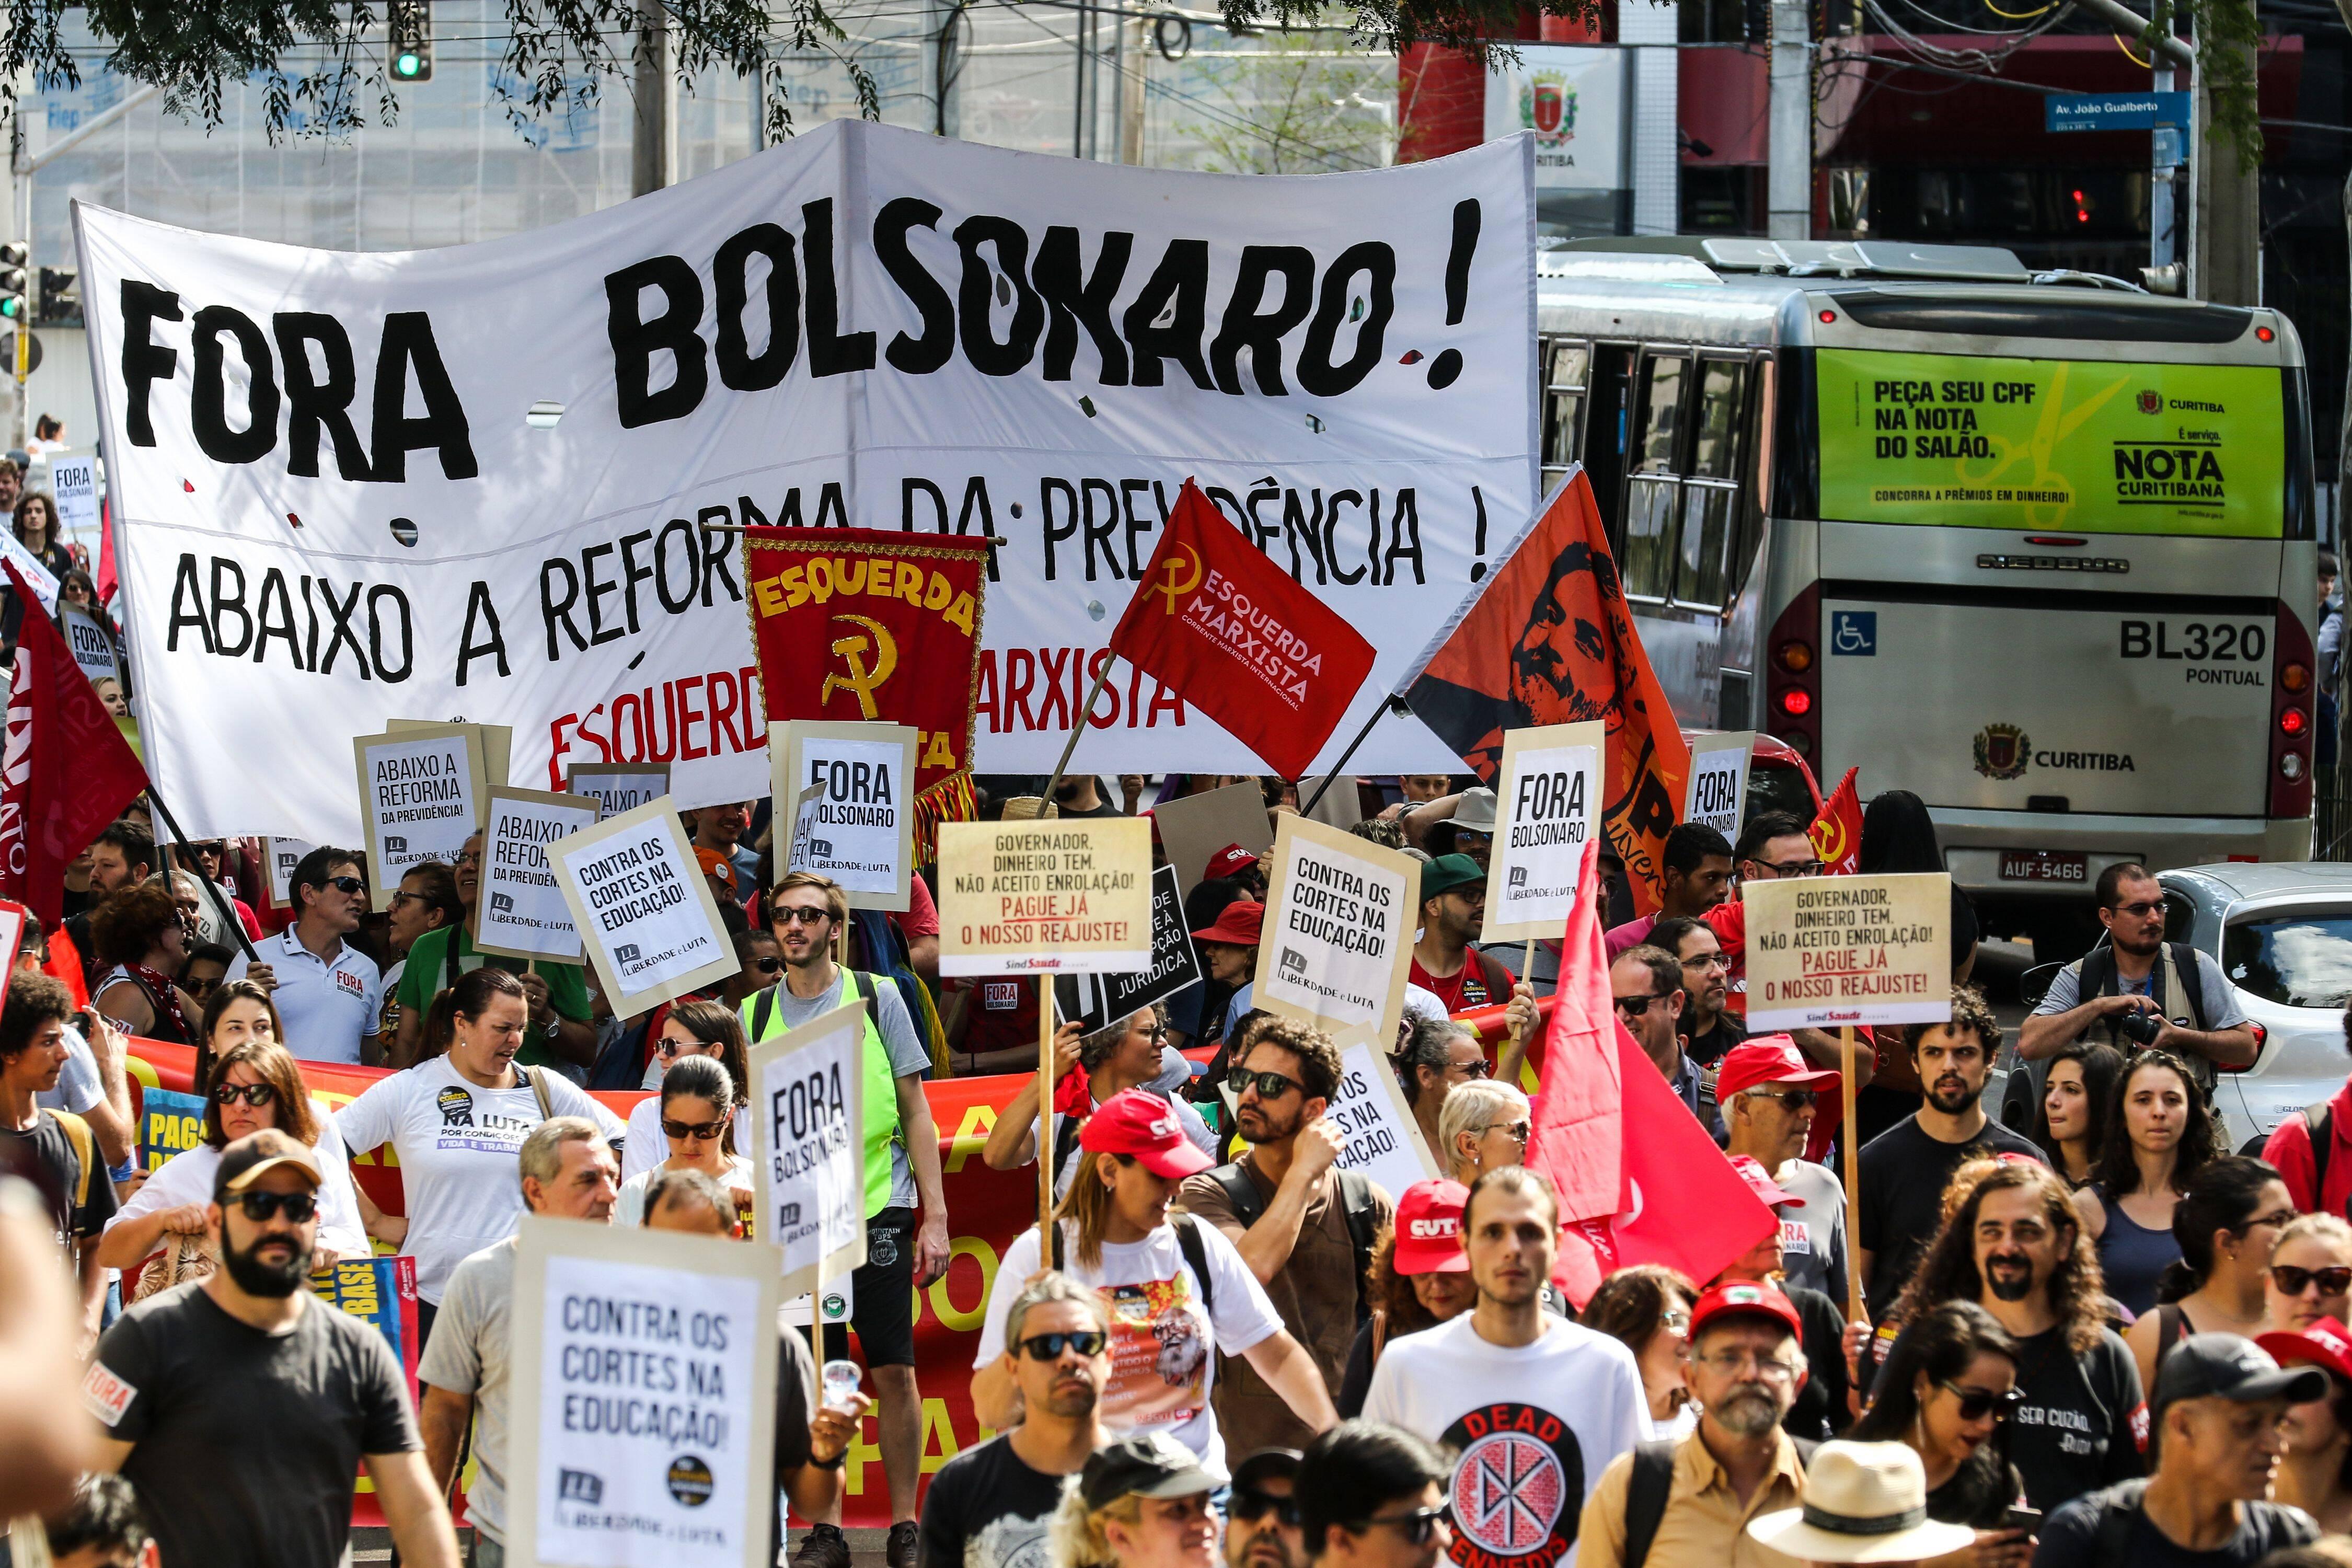 Protestantes também foram às ruas em Curitiba. Foto: Theo Marques/Agência O Globo